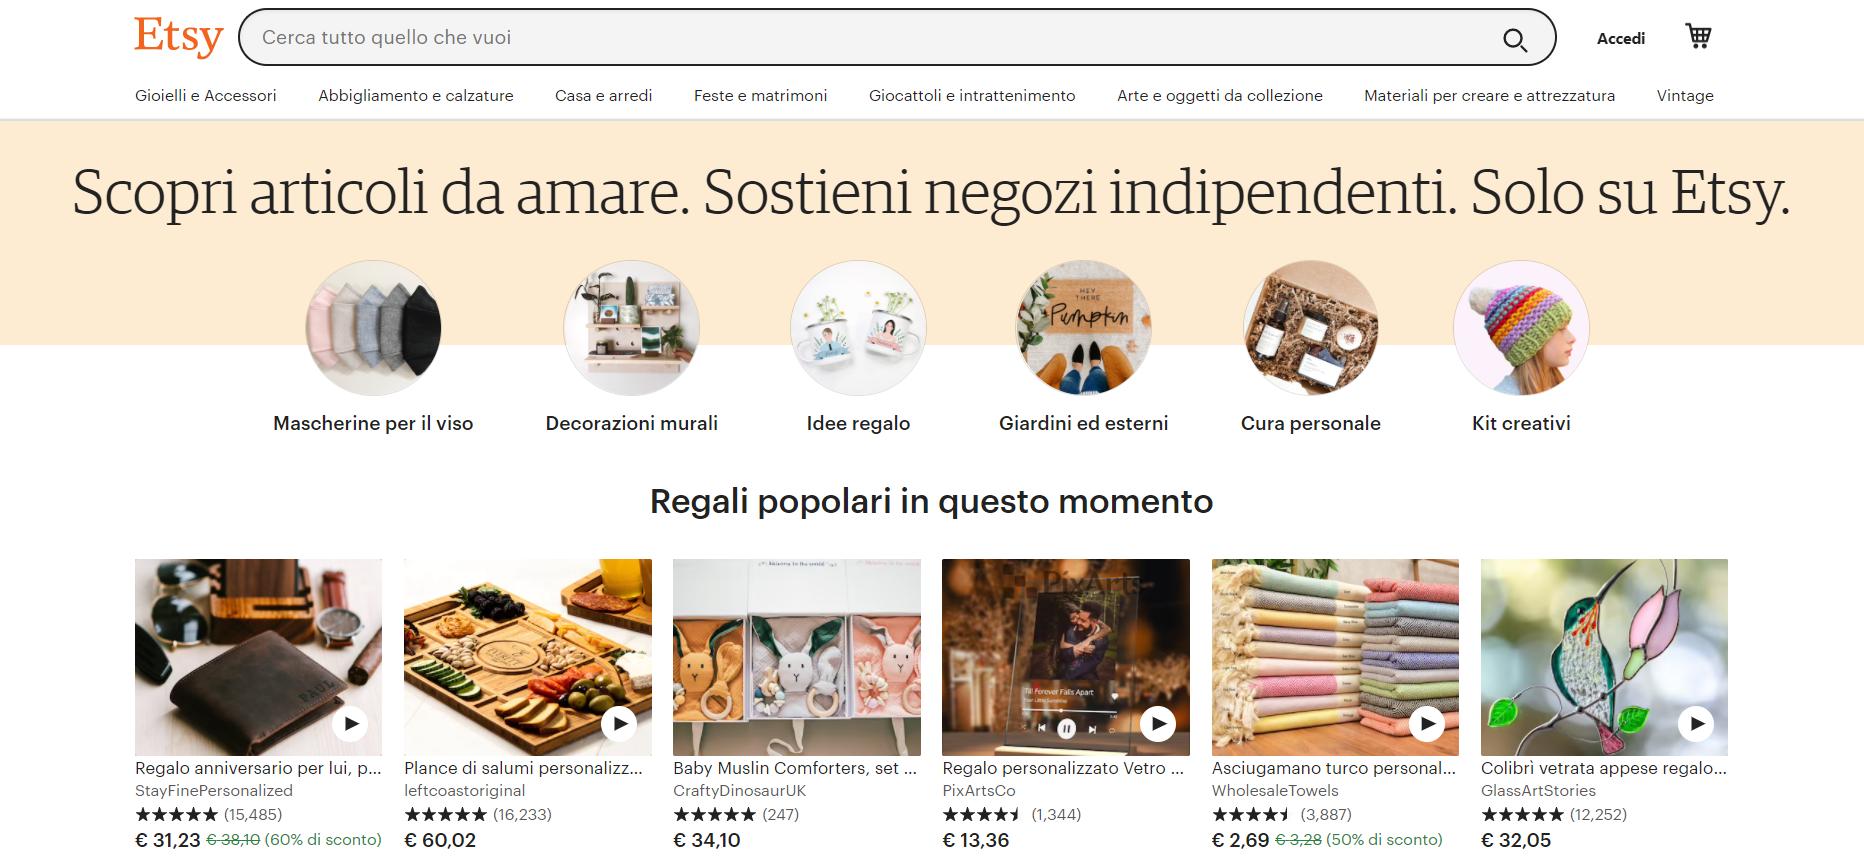 Etsy, una página de venta online de productos artesanales